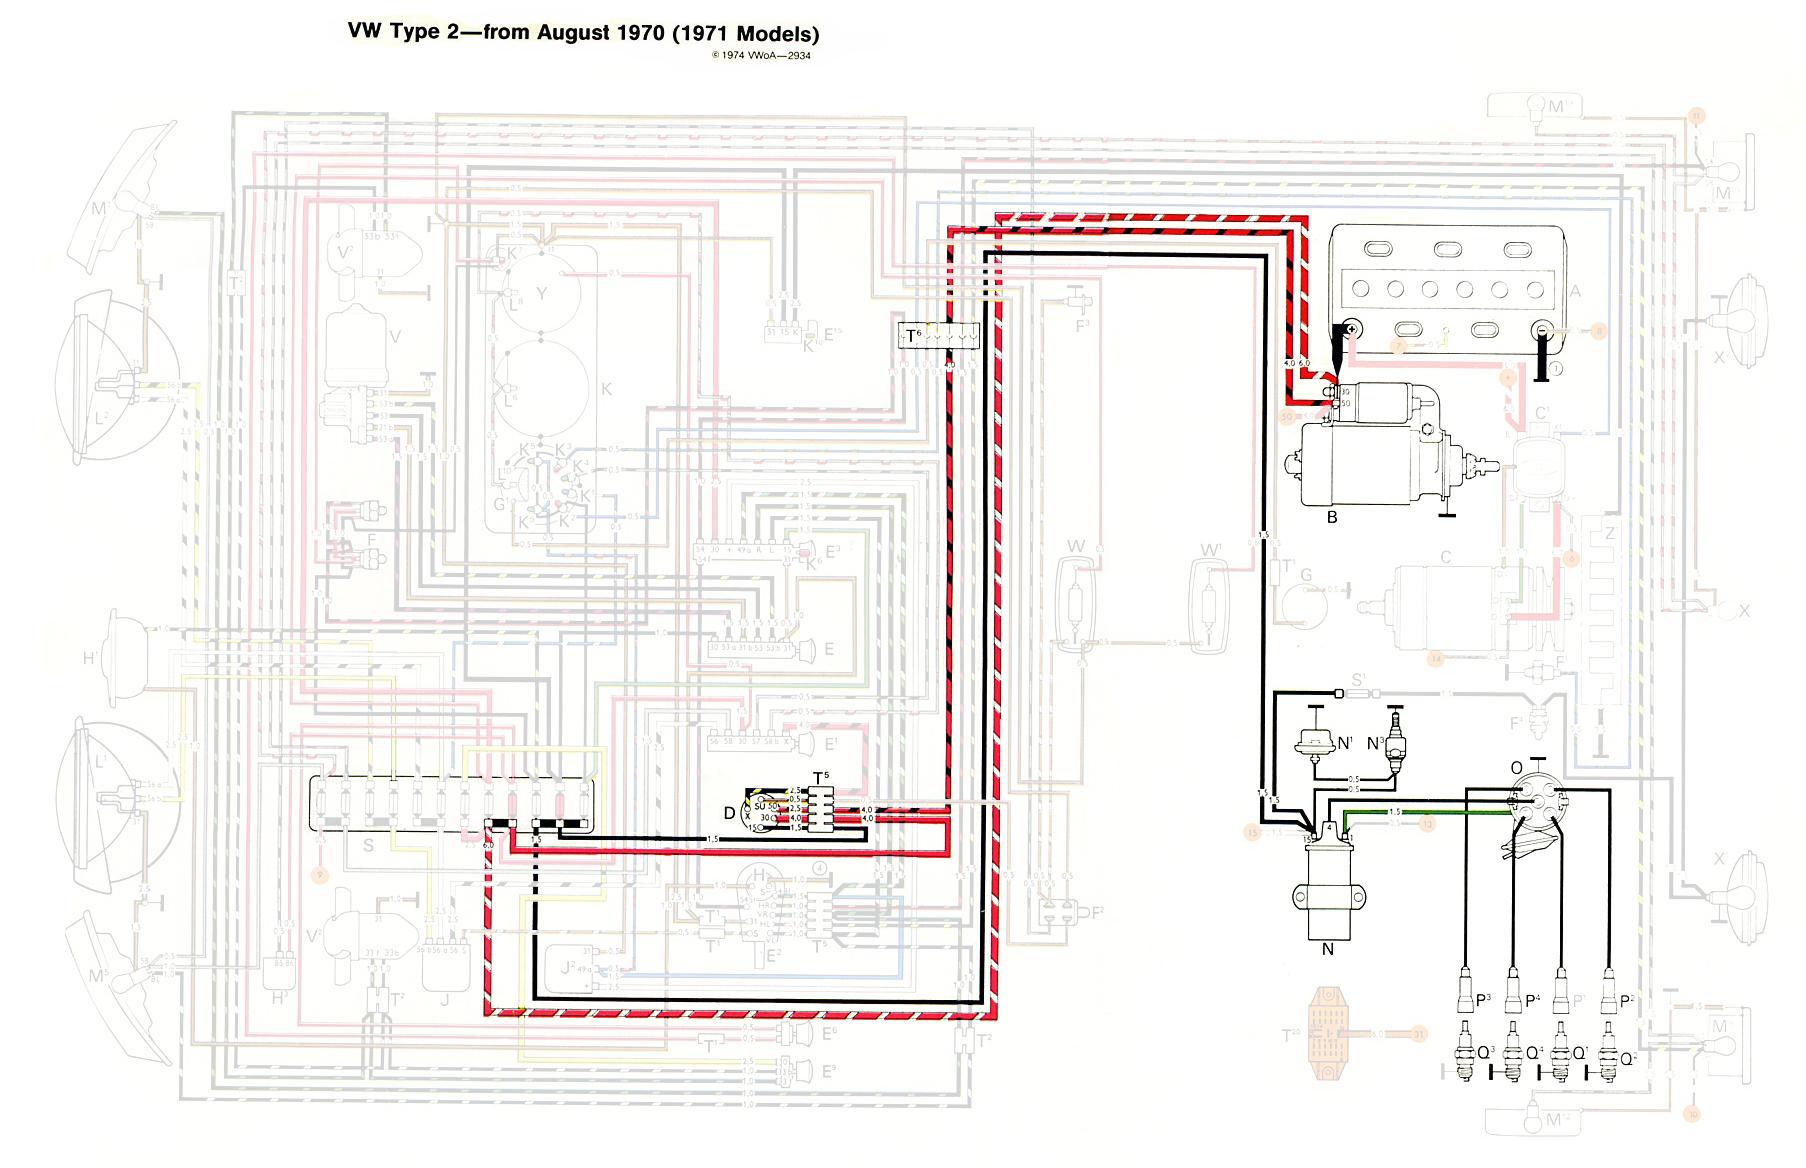 1979 Vw Bus Horn Wiring Schematics Data Diagrams 1971 Camaro Wire Schematic Thesamba Com Type 2 Jeep Engine